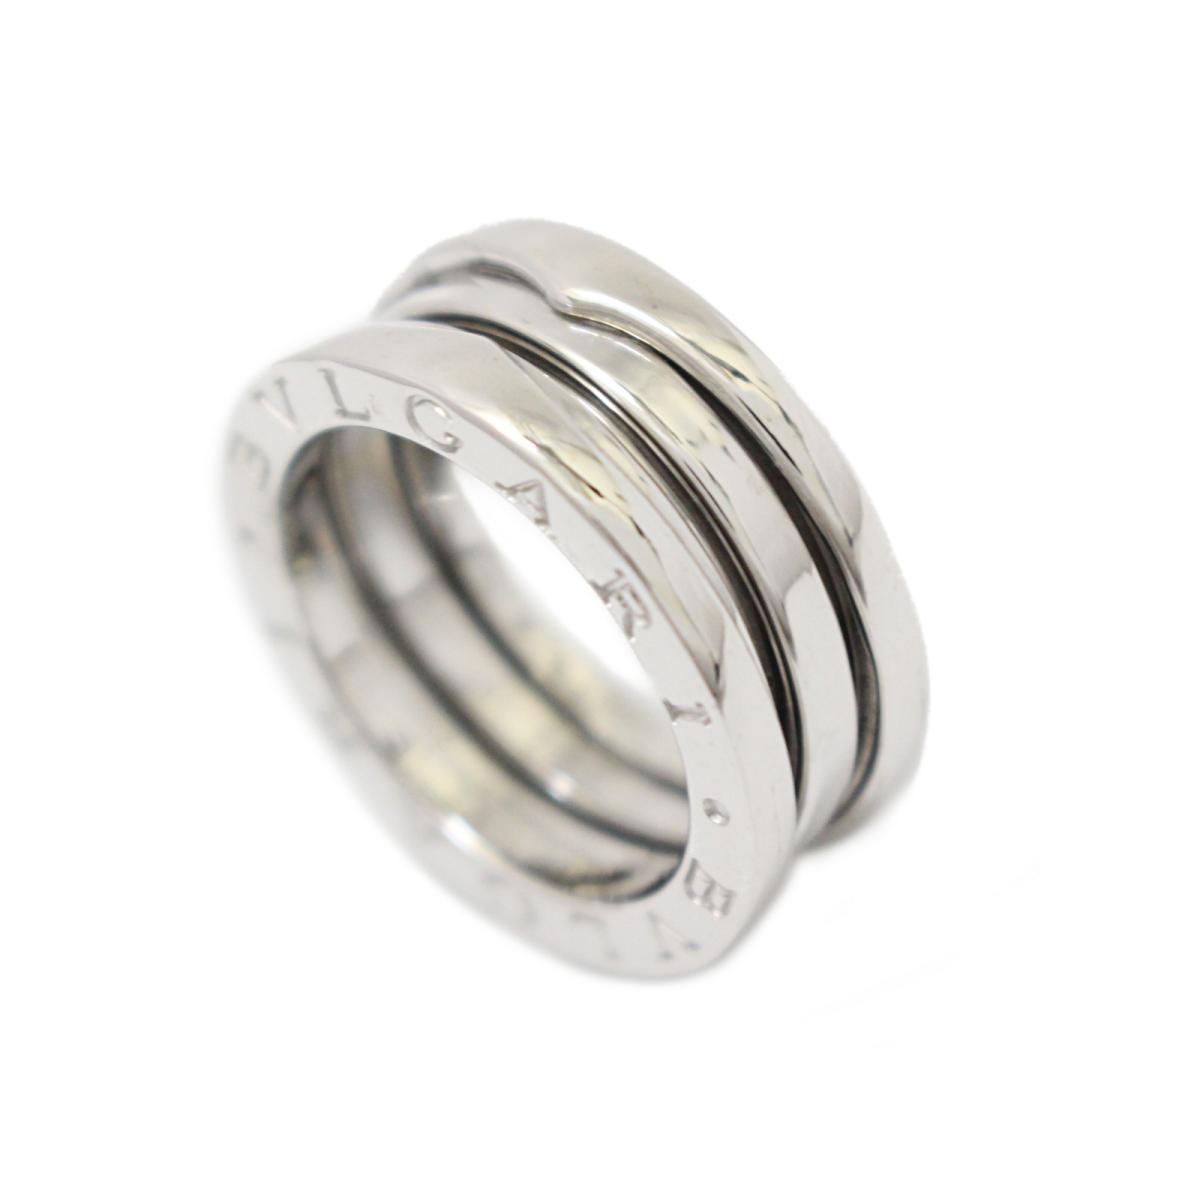 87d3ff735ad0 ... ブルガリB-zero1リング指輪ユニセックスK18WG(750)ホワイトゴールド ...